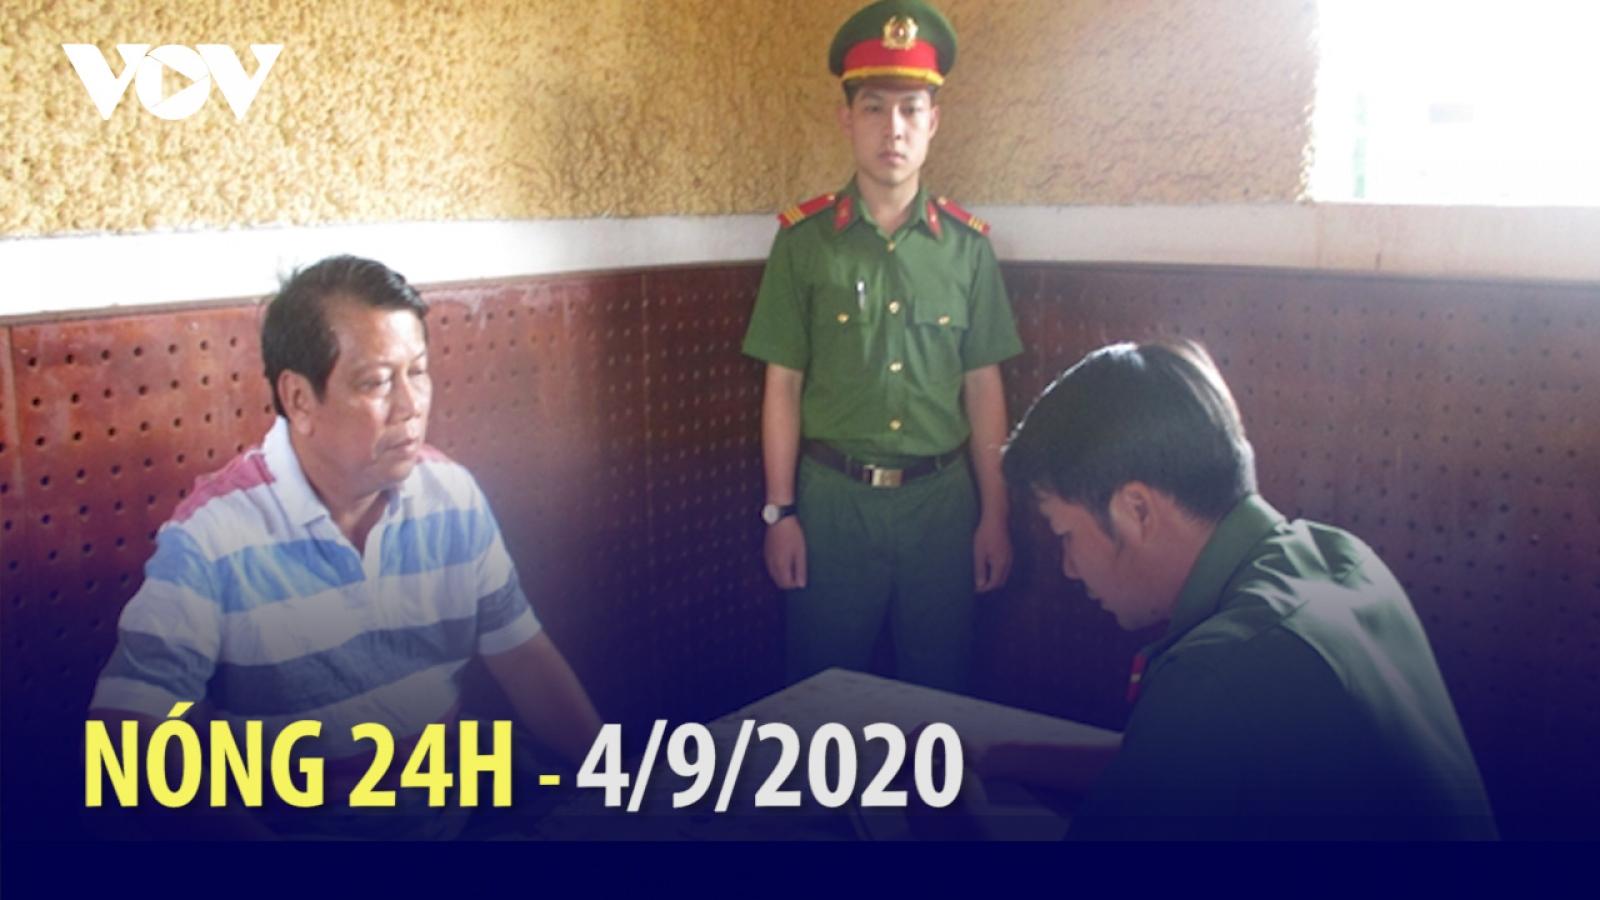 Nóng 24h: Truy tố 39 bị can đường dây làm xăng giả lớn nhất Việt Nam